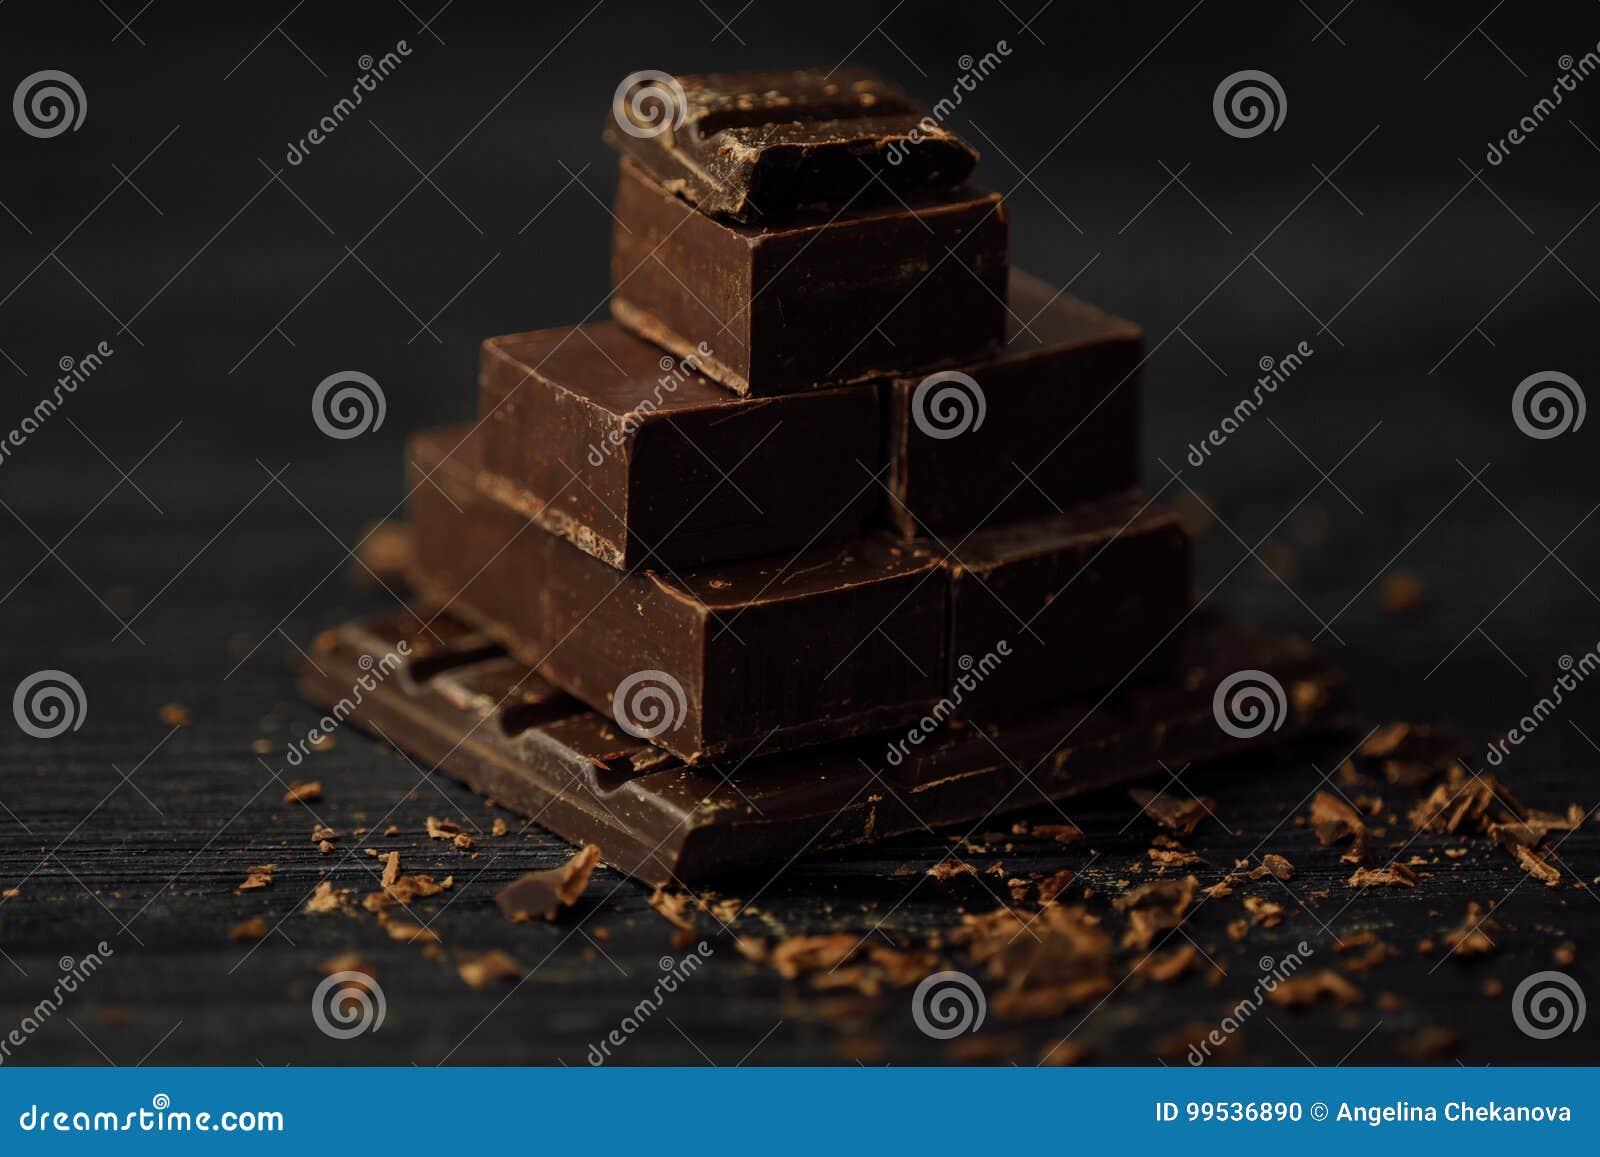 Negro Delicioso Y Chocolate Con Leche En Un Fondo Marron Foto De - Marron-y-chocolate